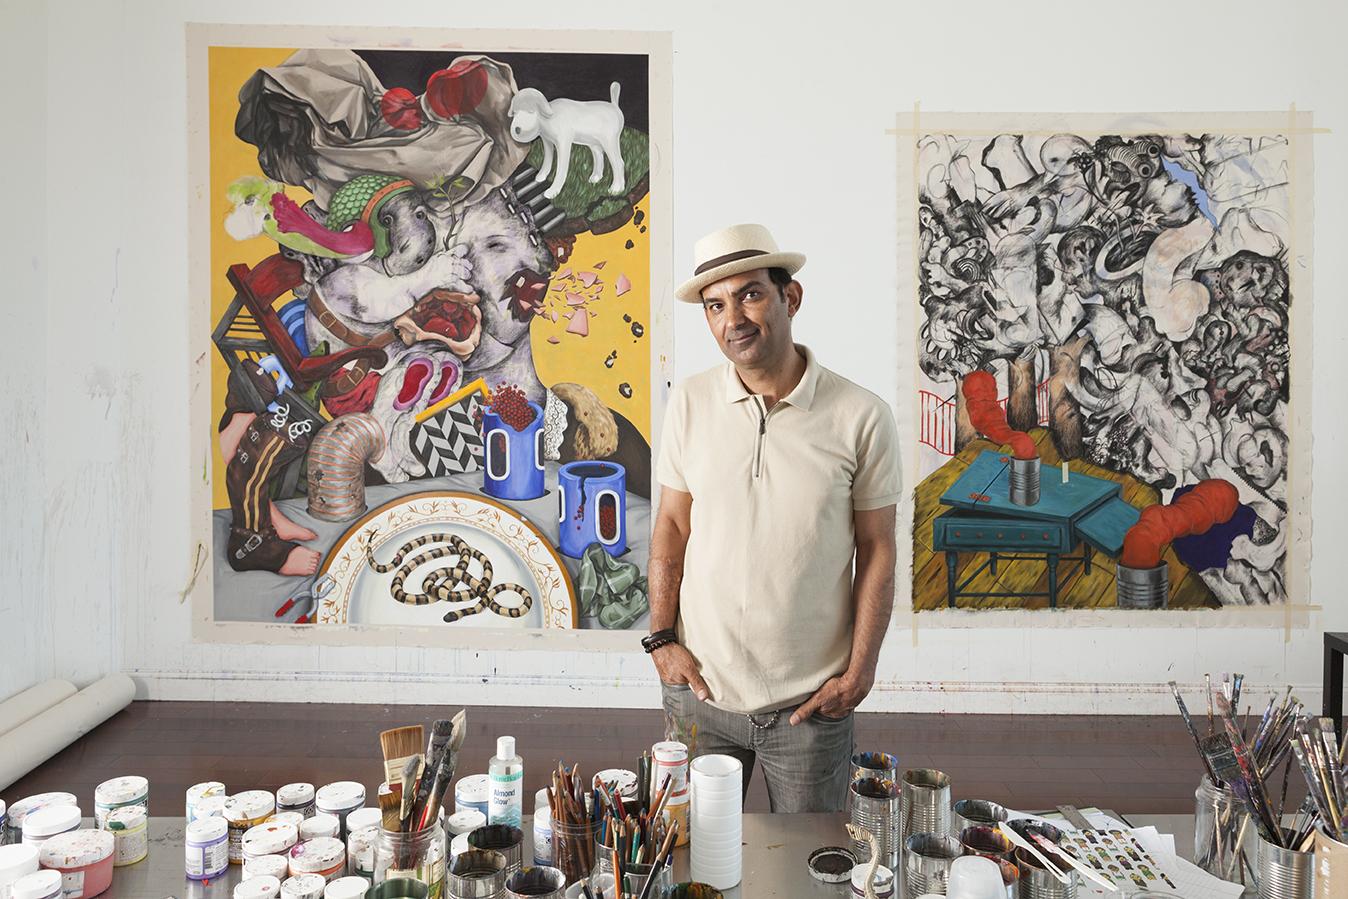 Ahmed Alousandi